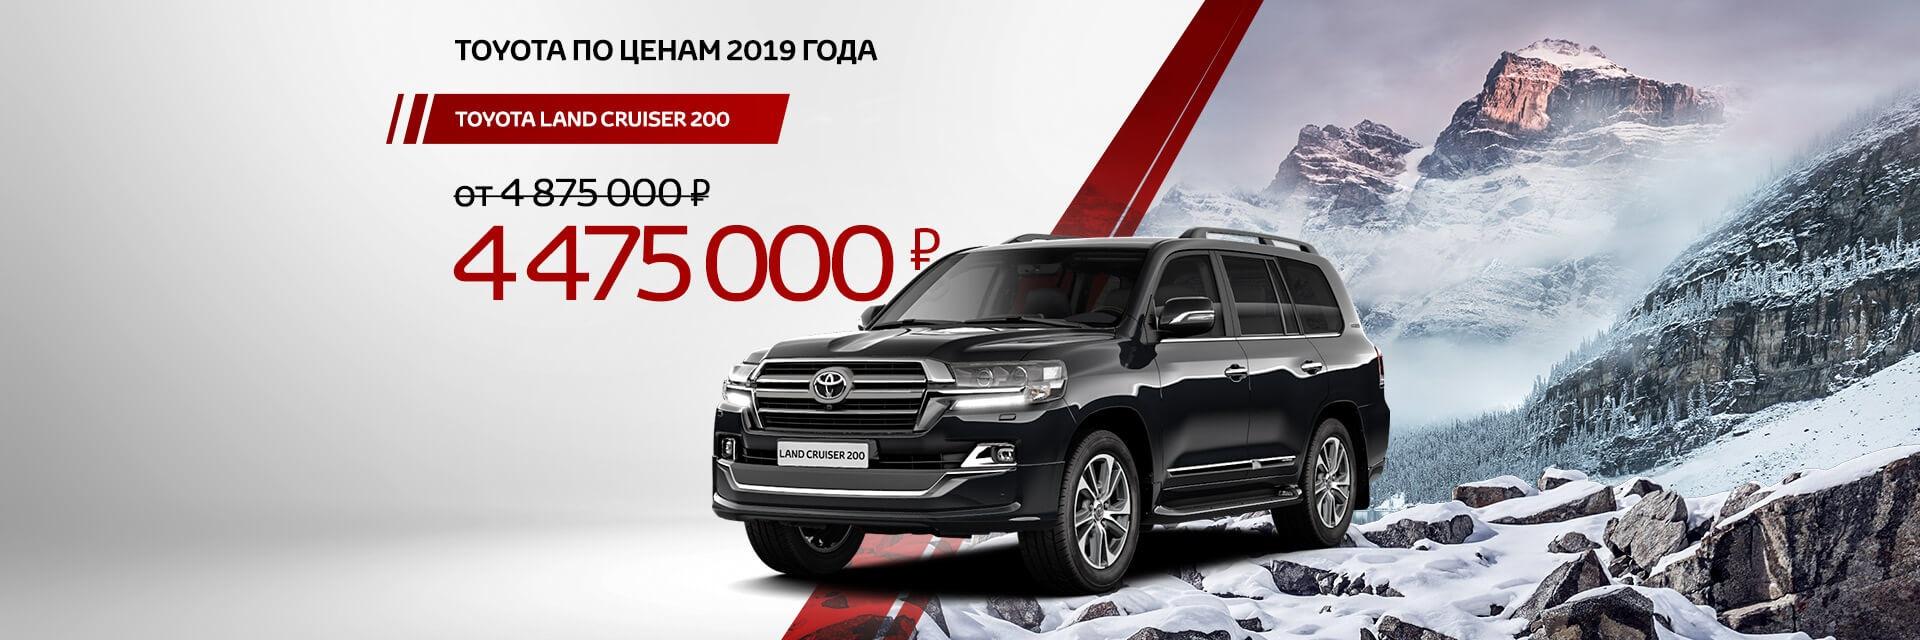 Toyota Camry — купить Тойота Камри у официального дилера Тойота Центр Красноярск.